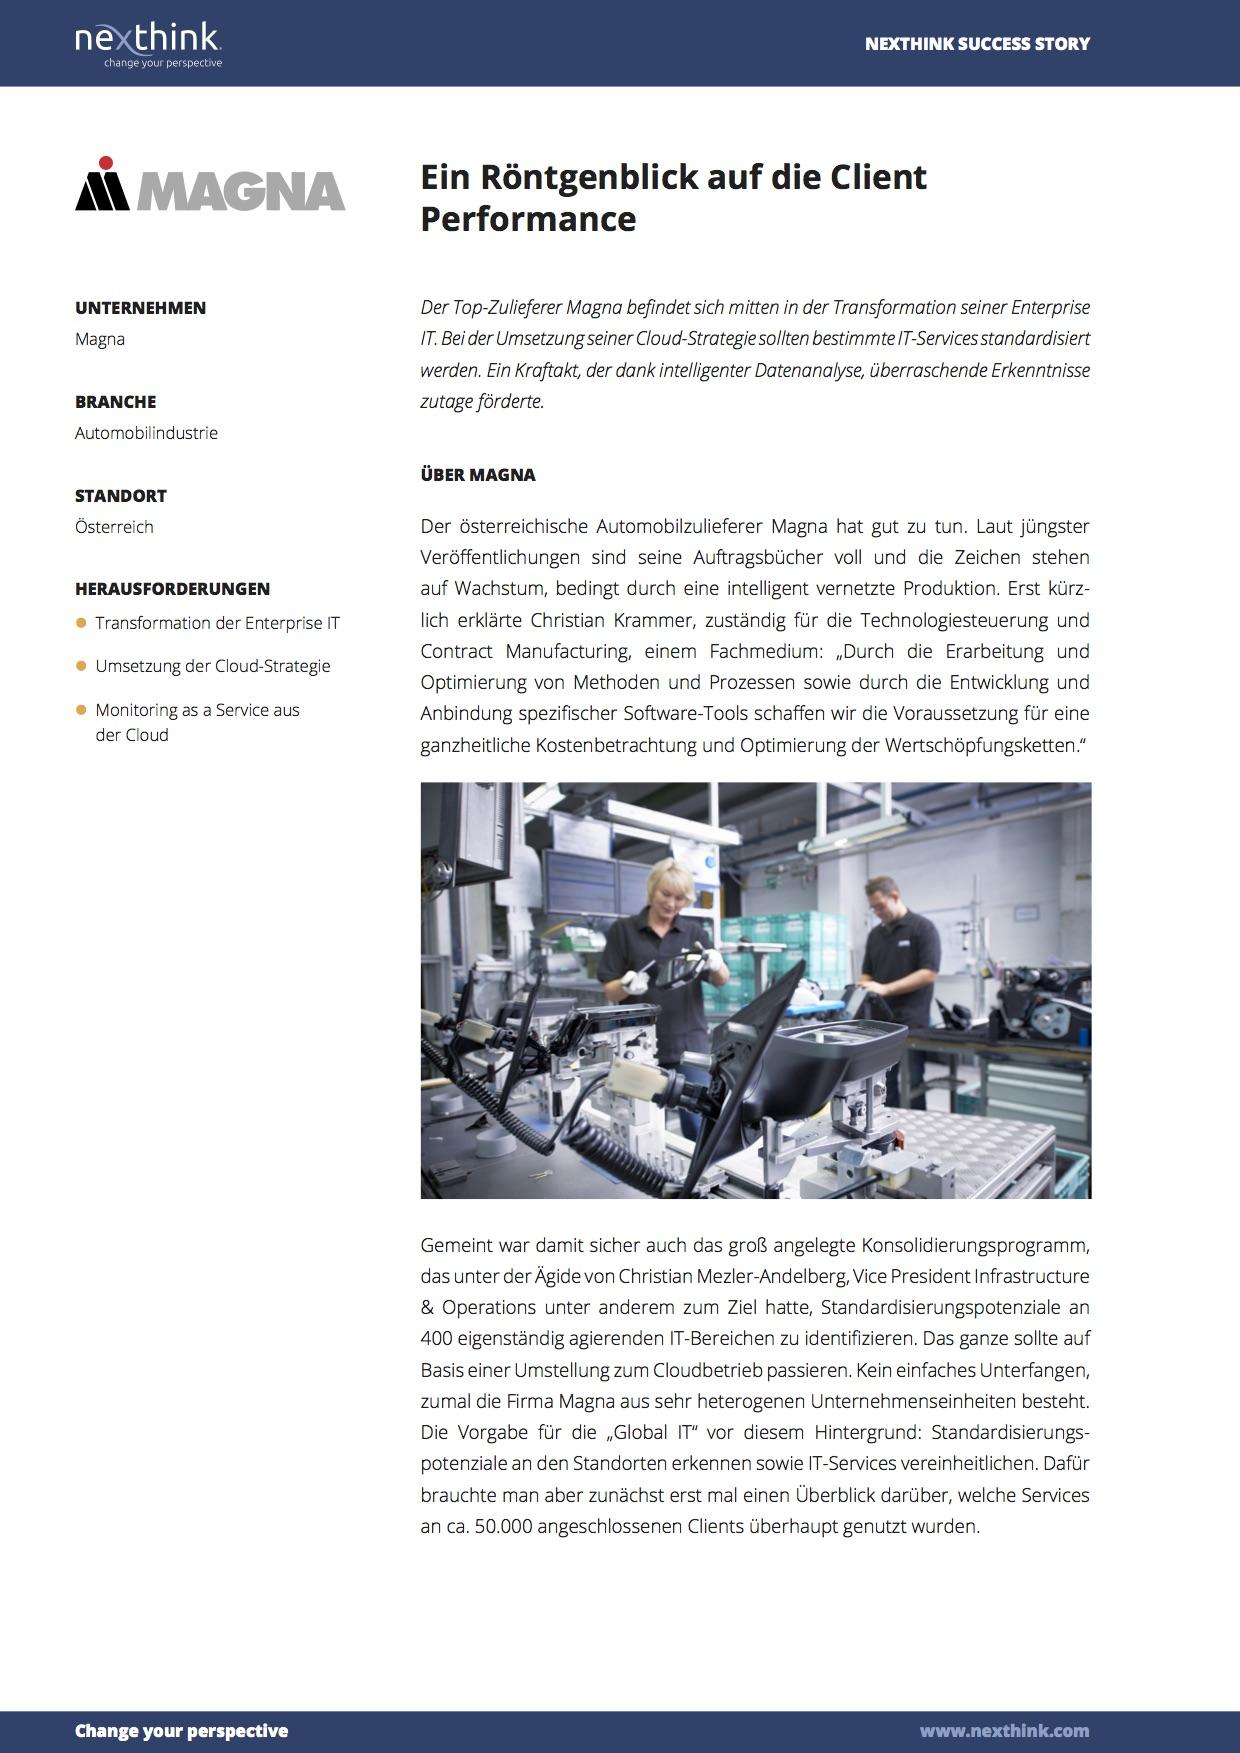 Magna: Ein Röntgenblick auf die Client Performance